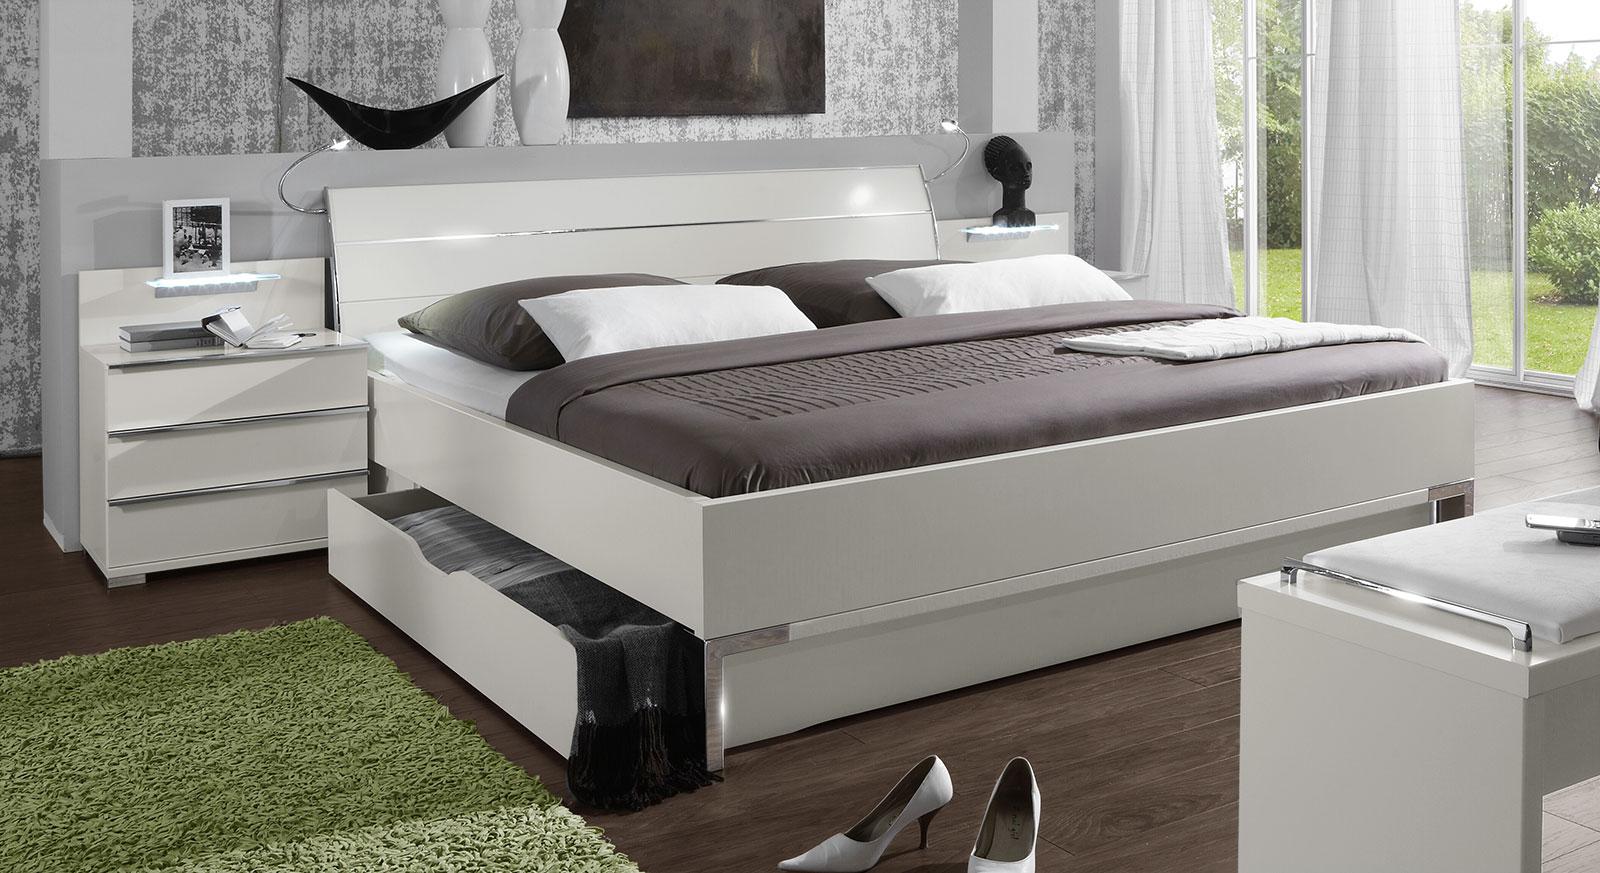 Doppelbett weiß  Modernes Schubkasten-Doppelbett in Weiss - Salford I BETTEN.de